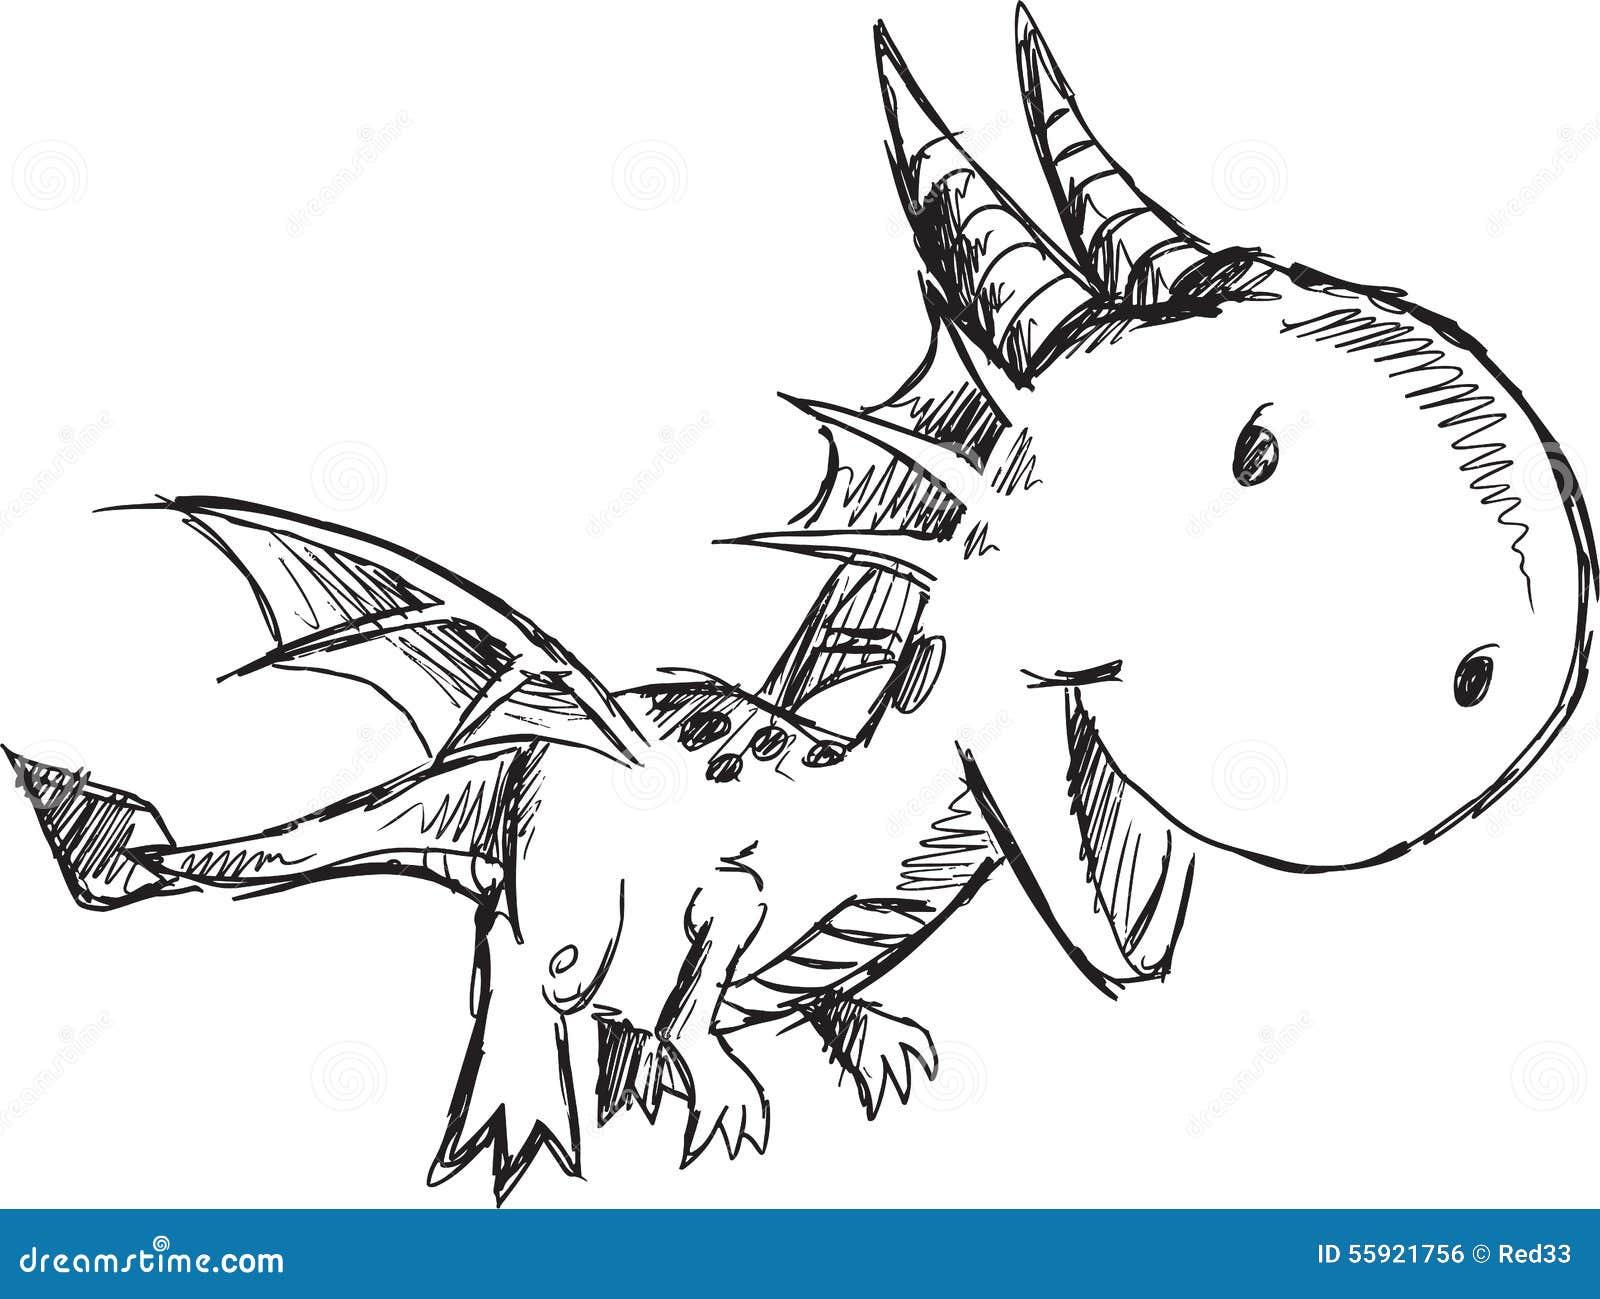 Garabato Dragon Vector